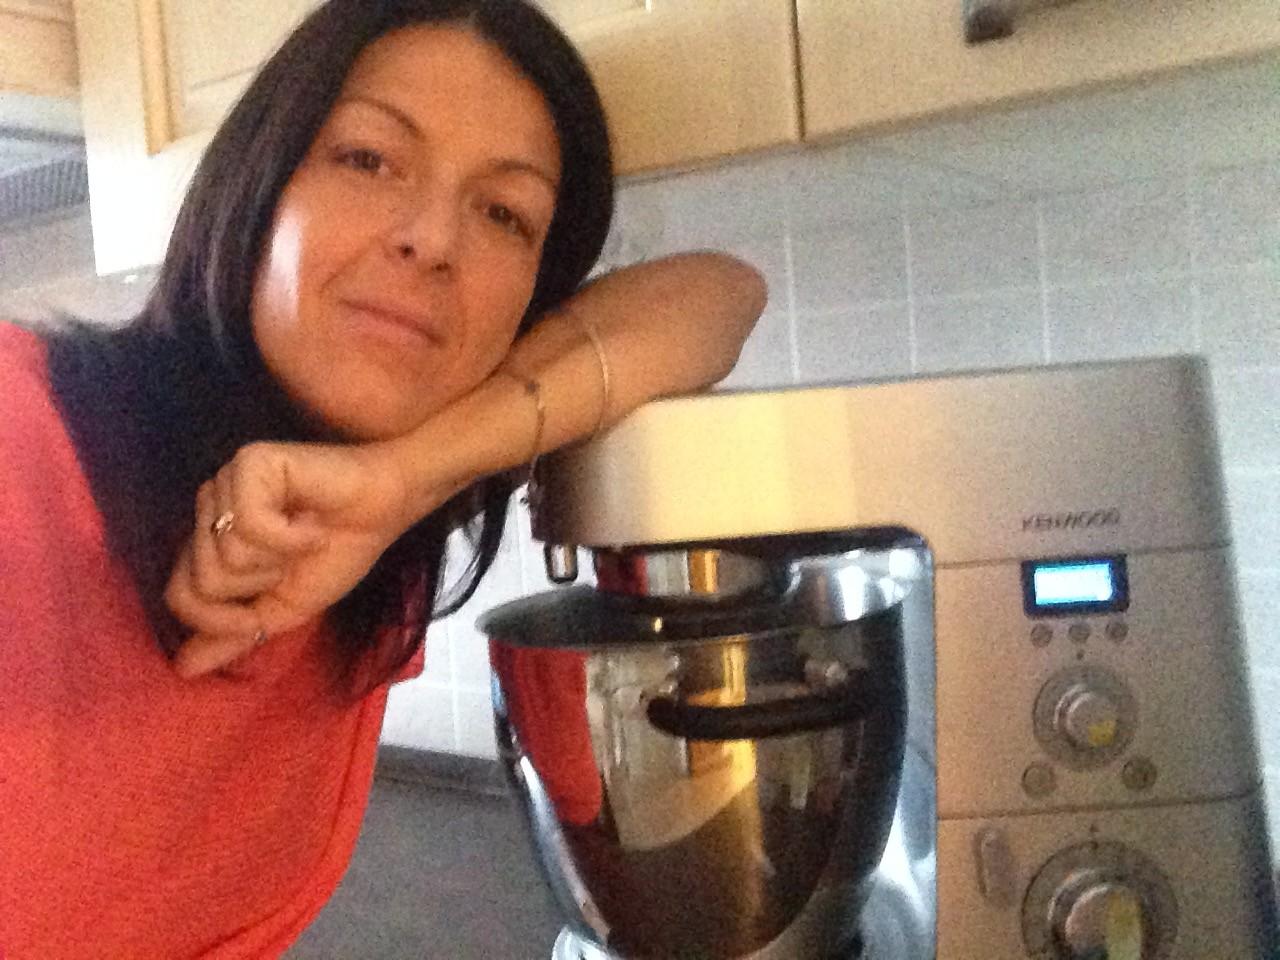 Il mio aiuto in cucina cucina imperfetta - Aiuto in cucina ...